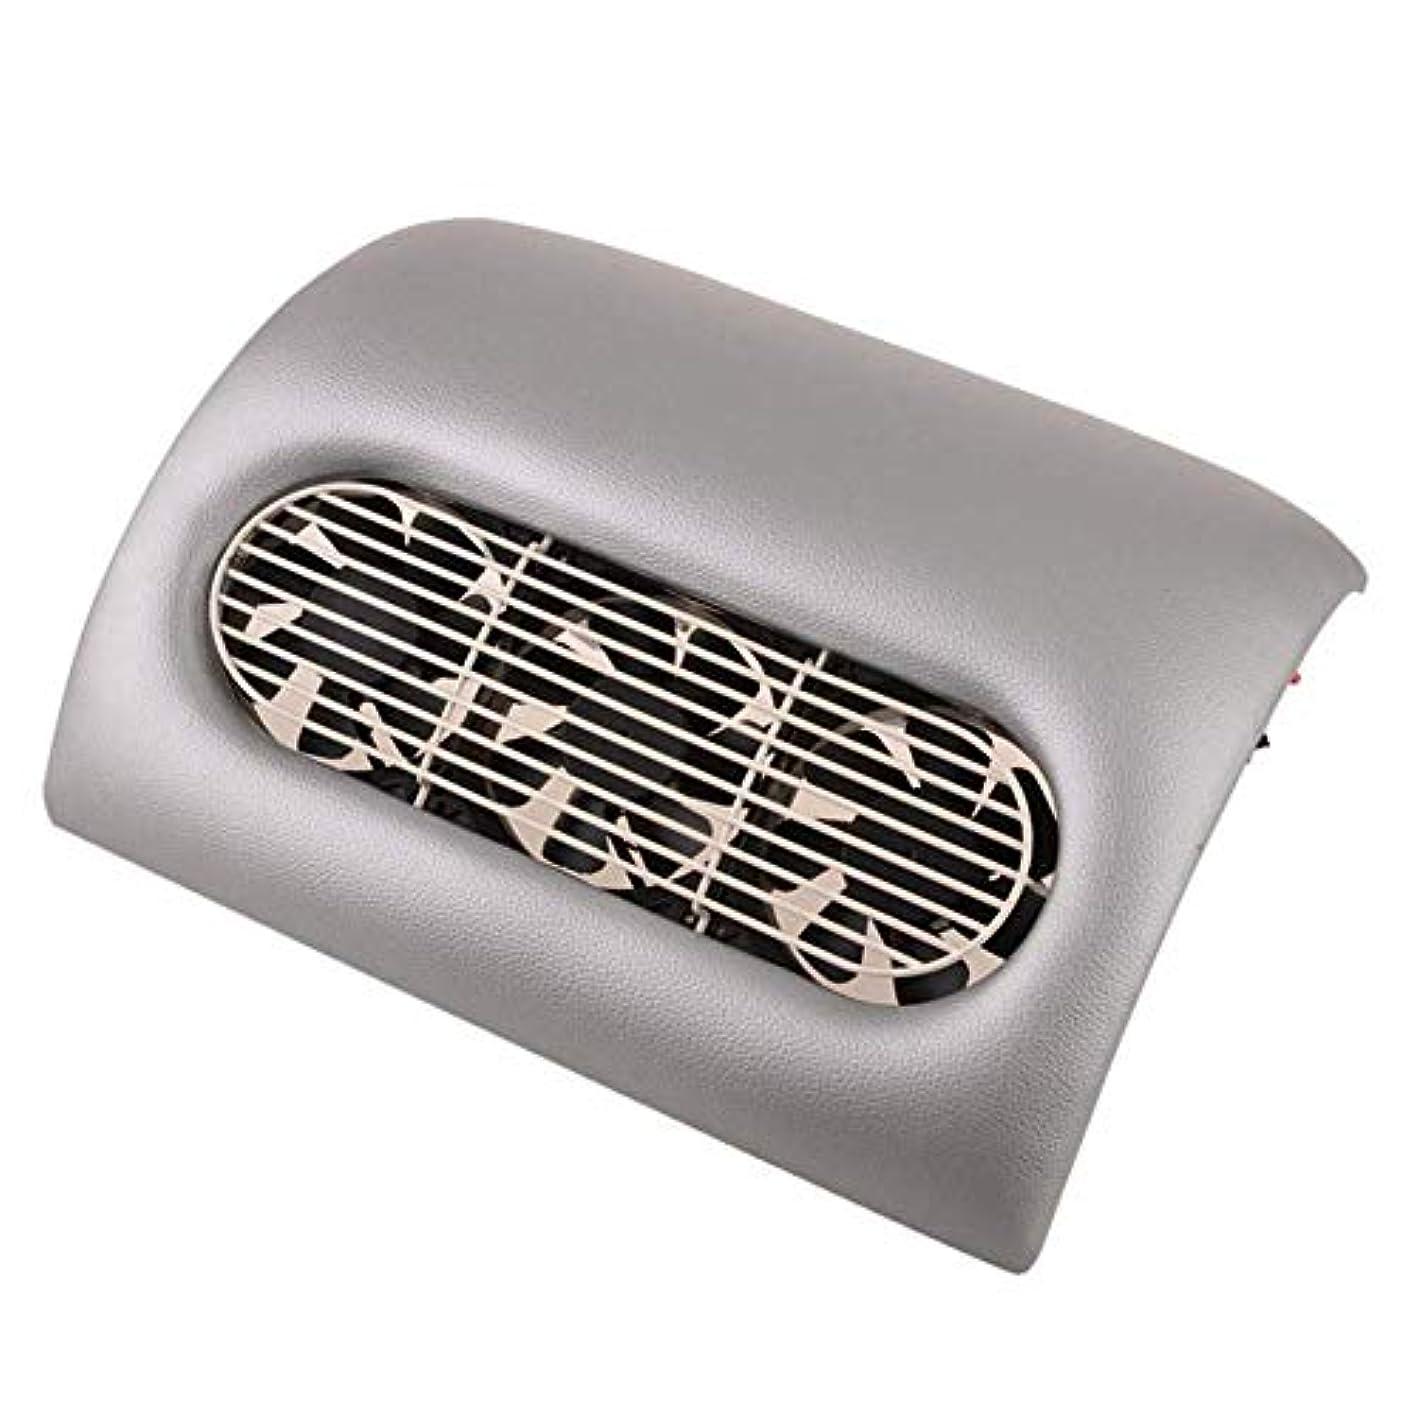 相対性理論申込み始める15ワットネイルダストサクションクリーナー美容院機器コレクターサクションネイルツールアートマニキュア機クリーニング装置、グレー